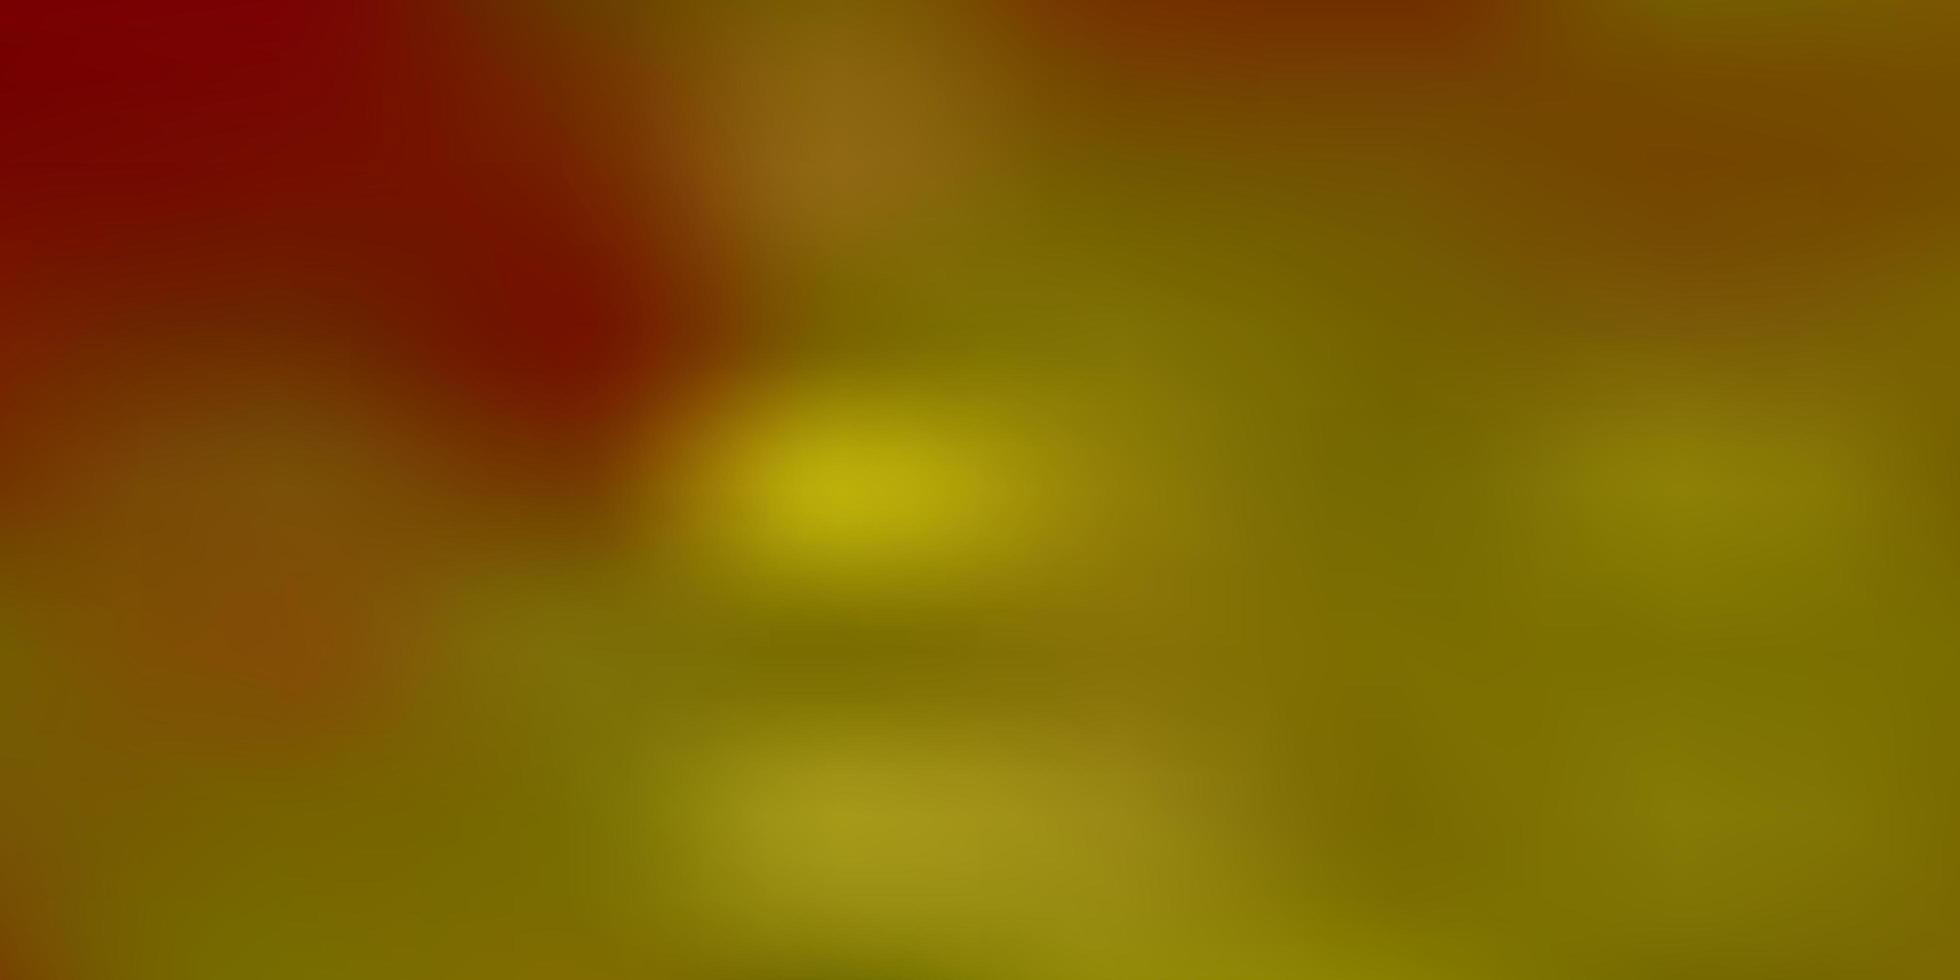 padrão de desfoque gradiente de vetor amarelo claro.